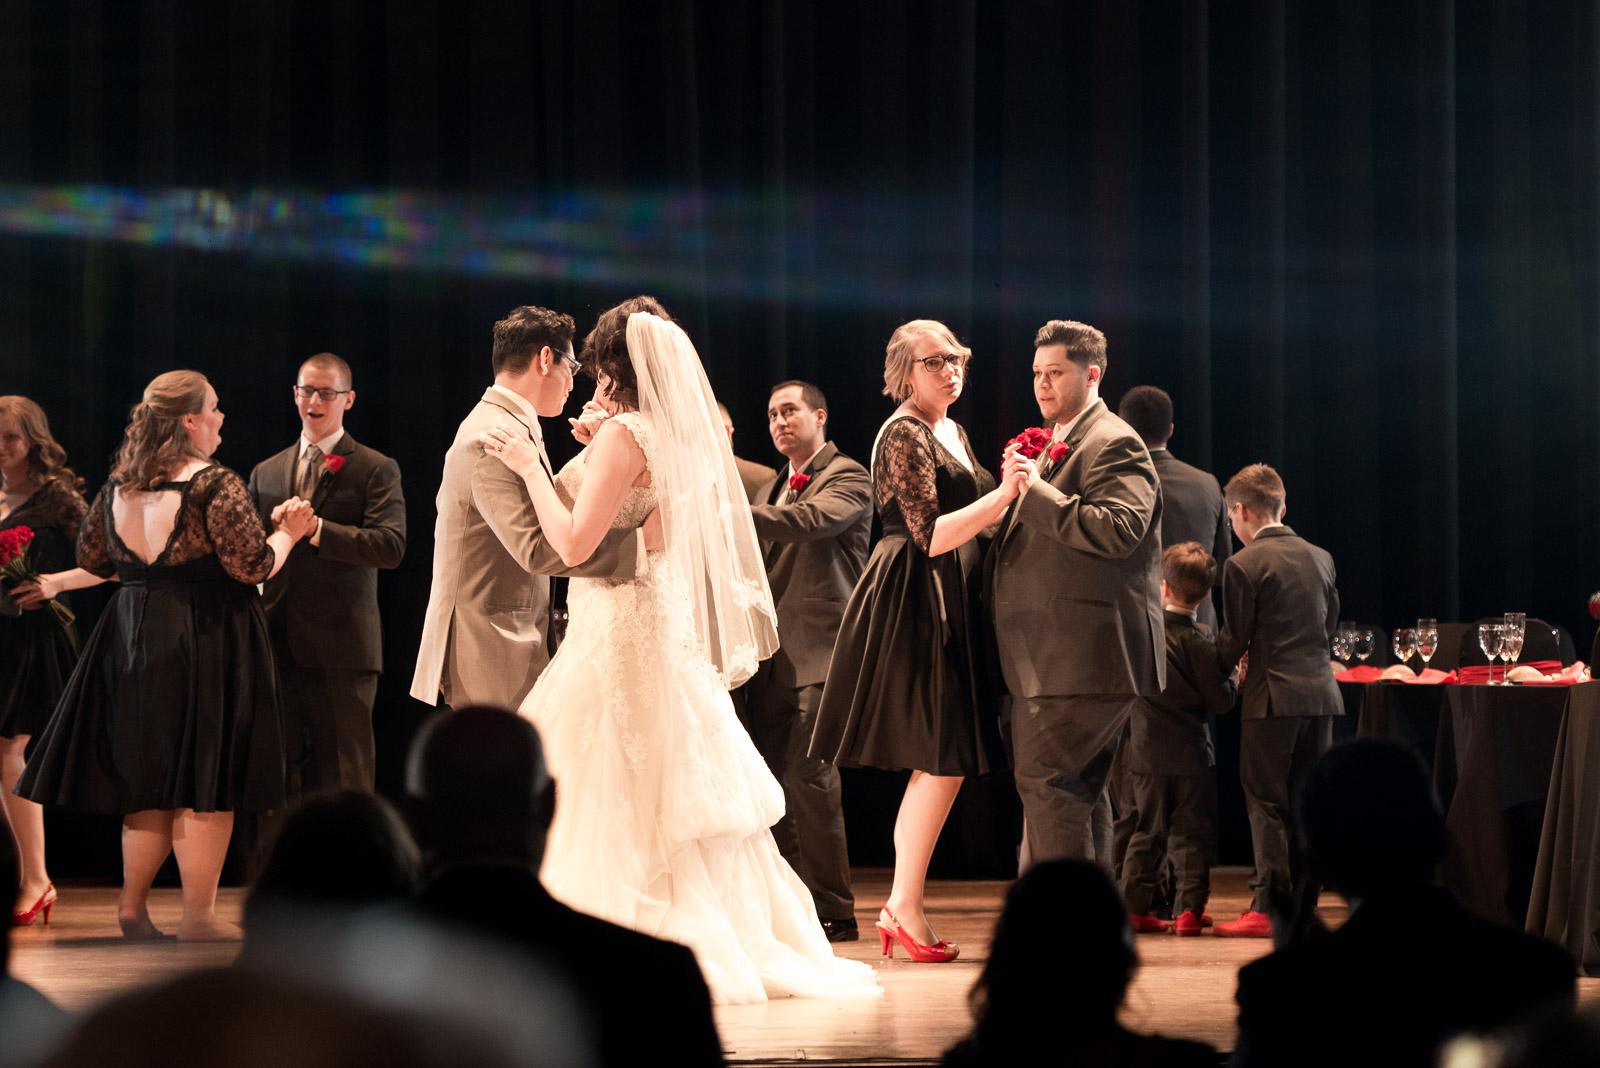 tara-yareb-wedding-027-blog.jpg